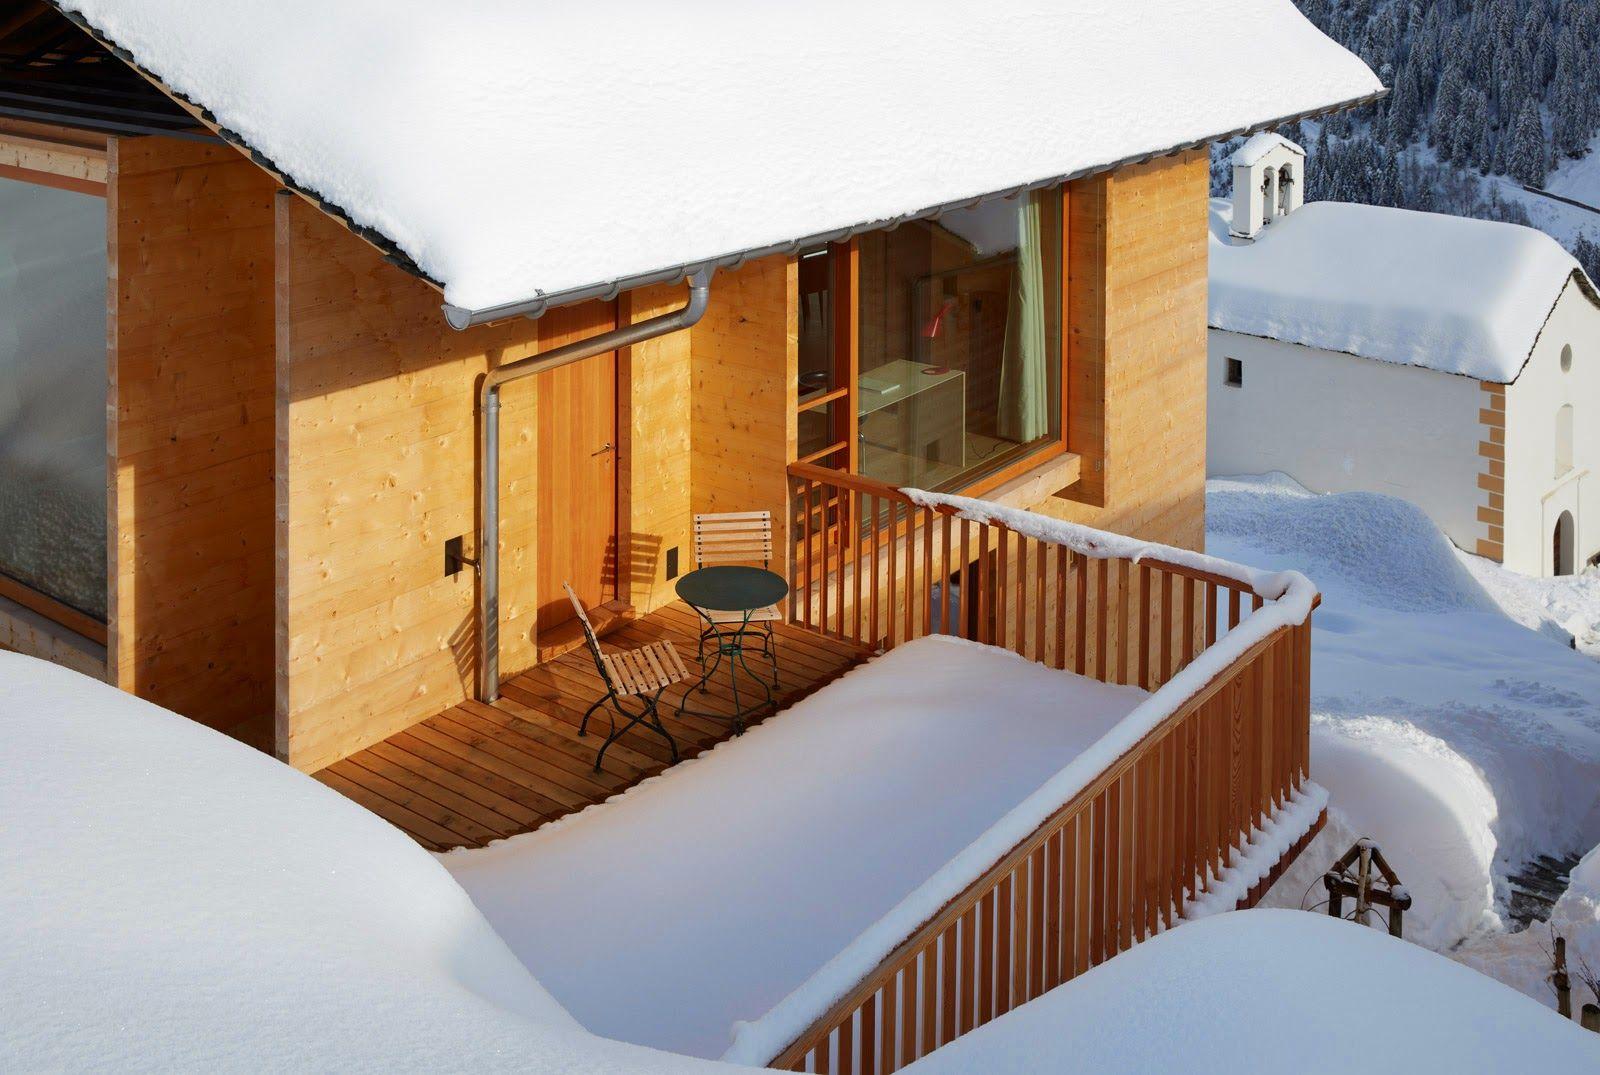 Architektur Ferienhäuser blogartikel über die ferienhäuser architekt zumthor im